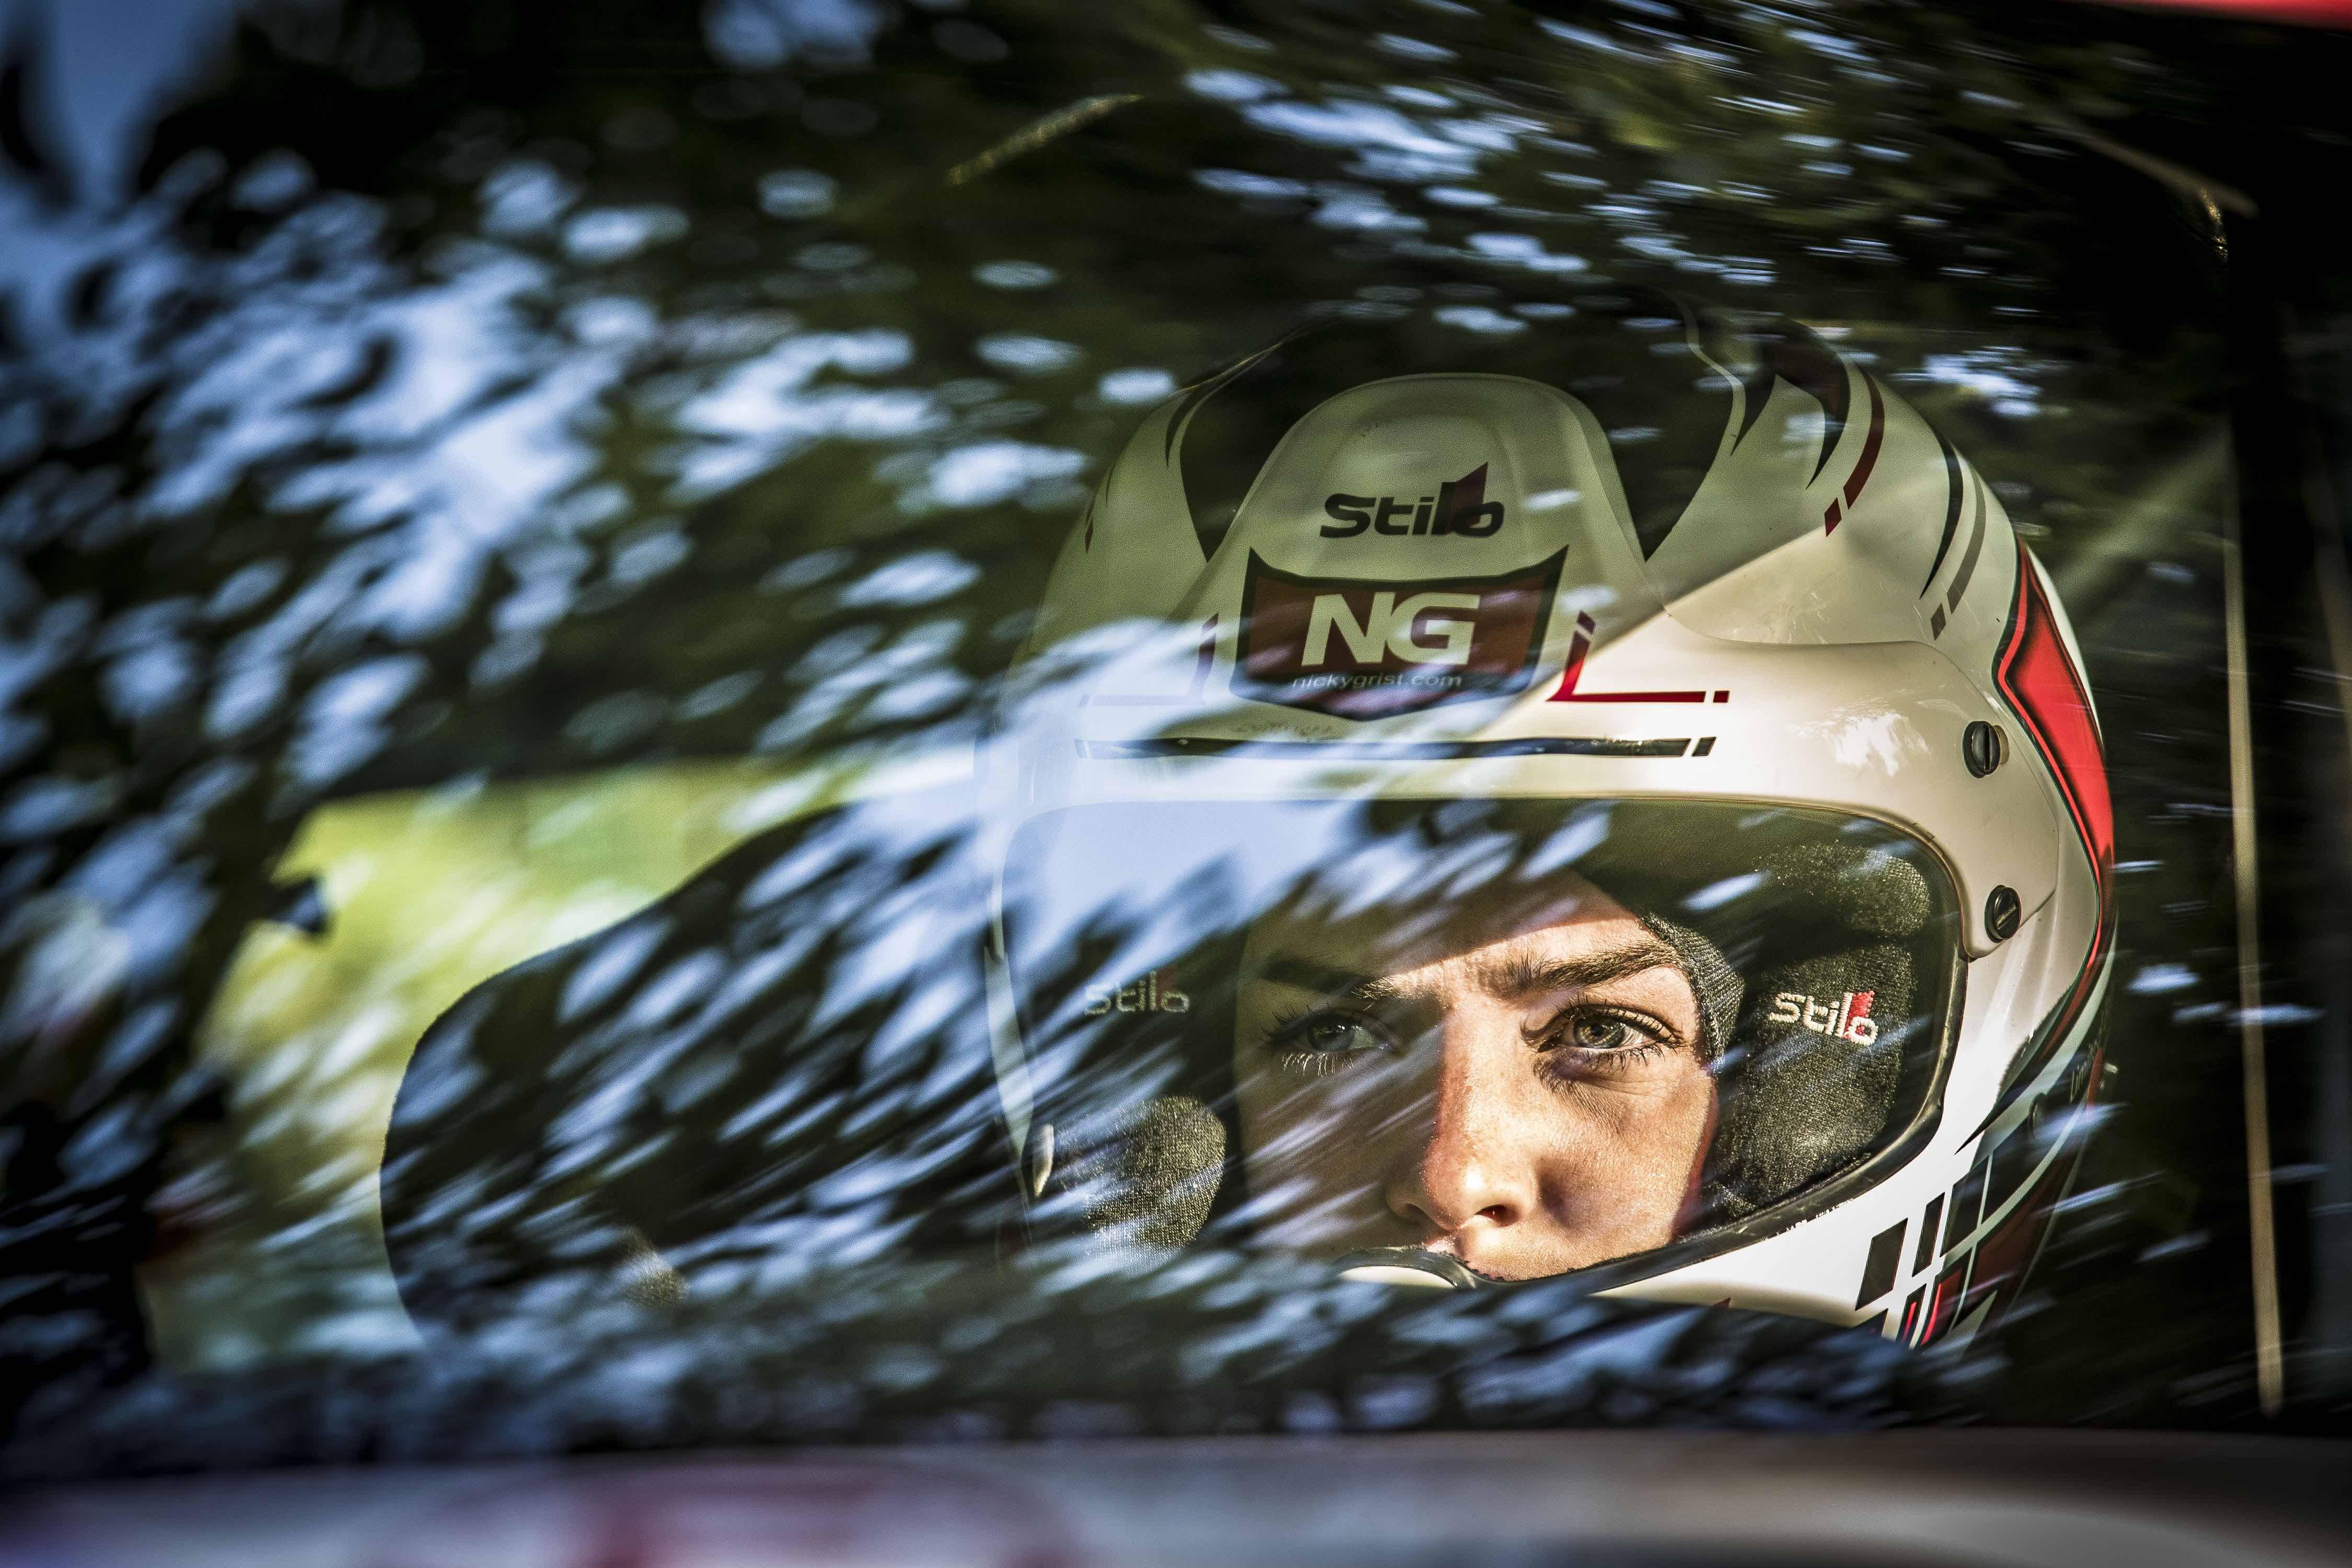 ERC Junior return for Munnings